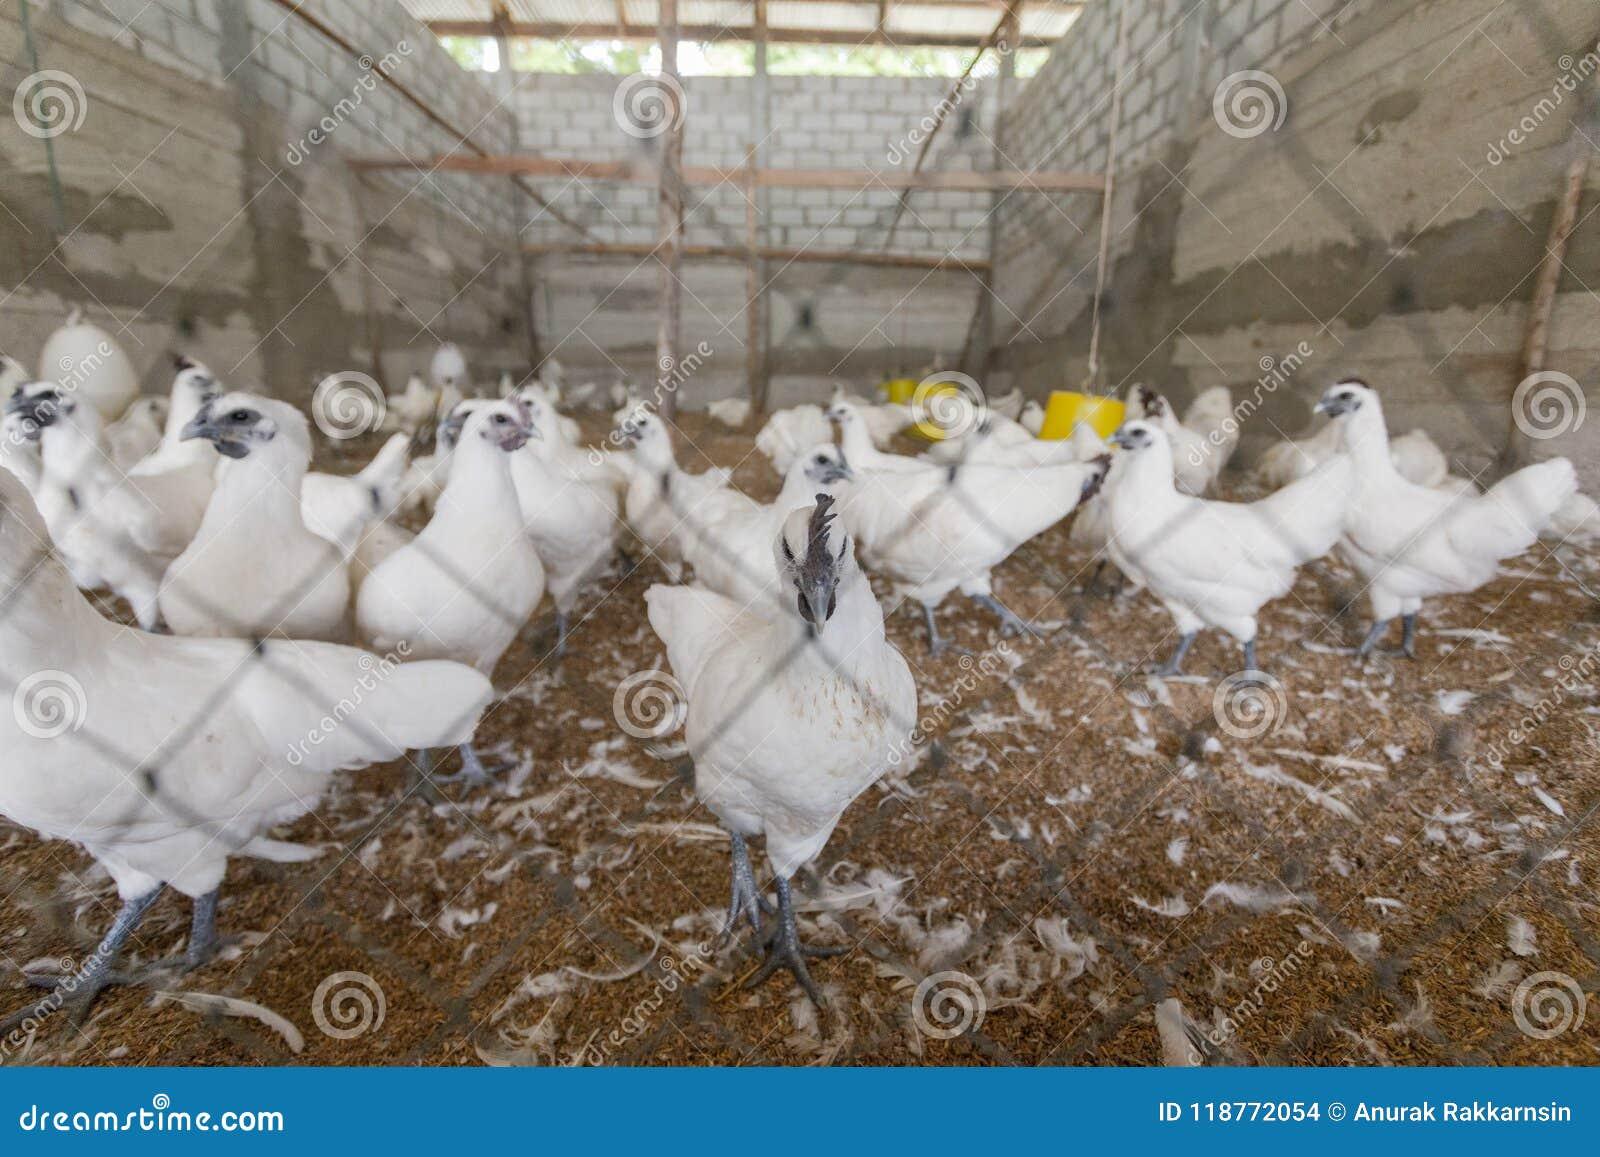 Hen happy in farm